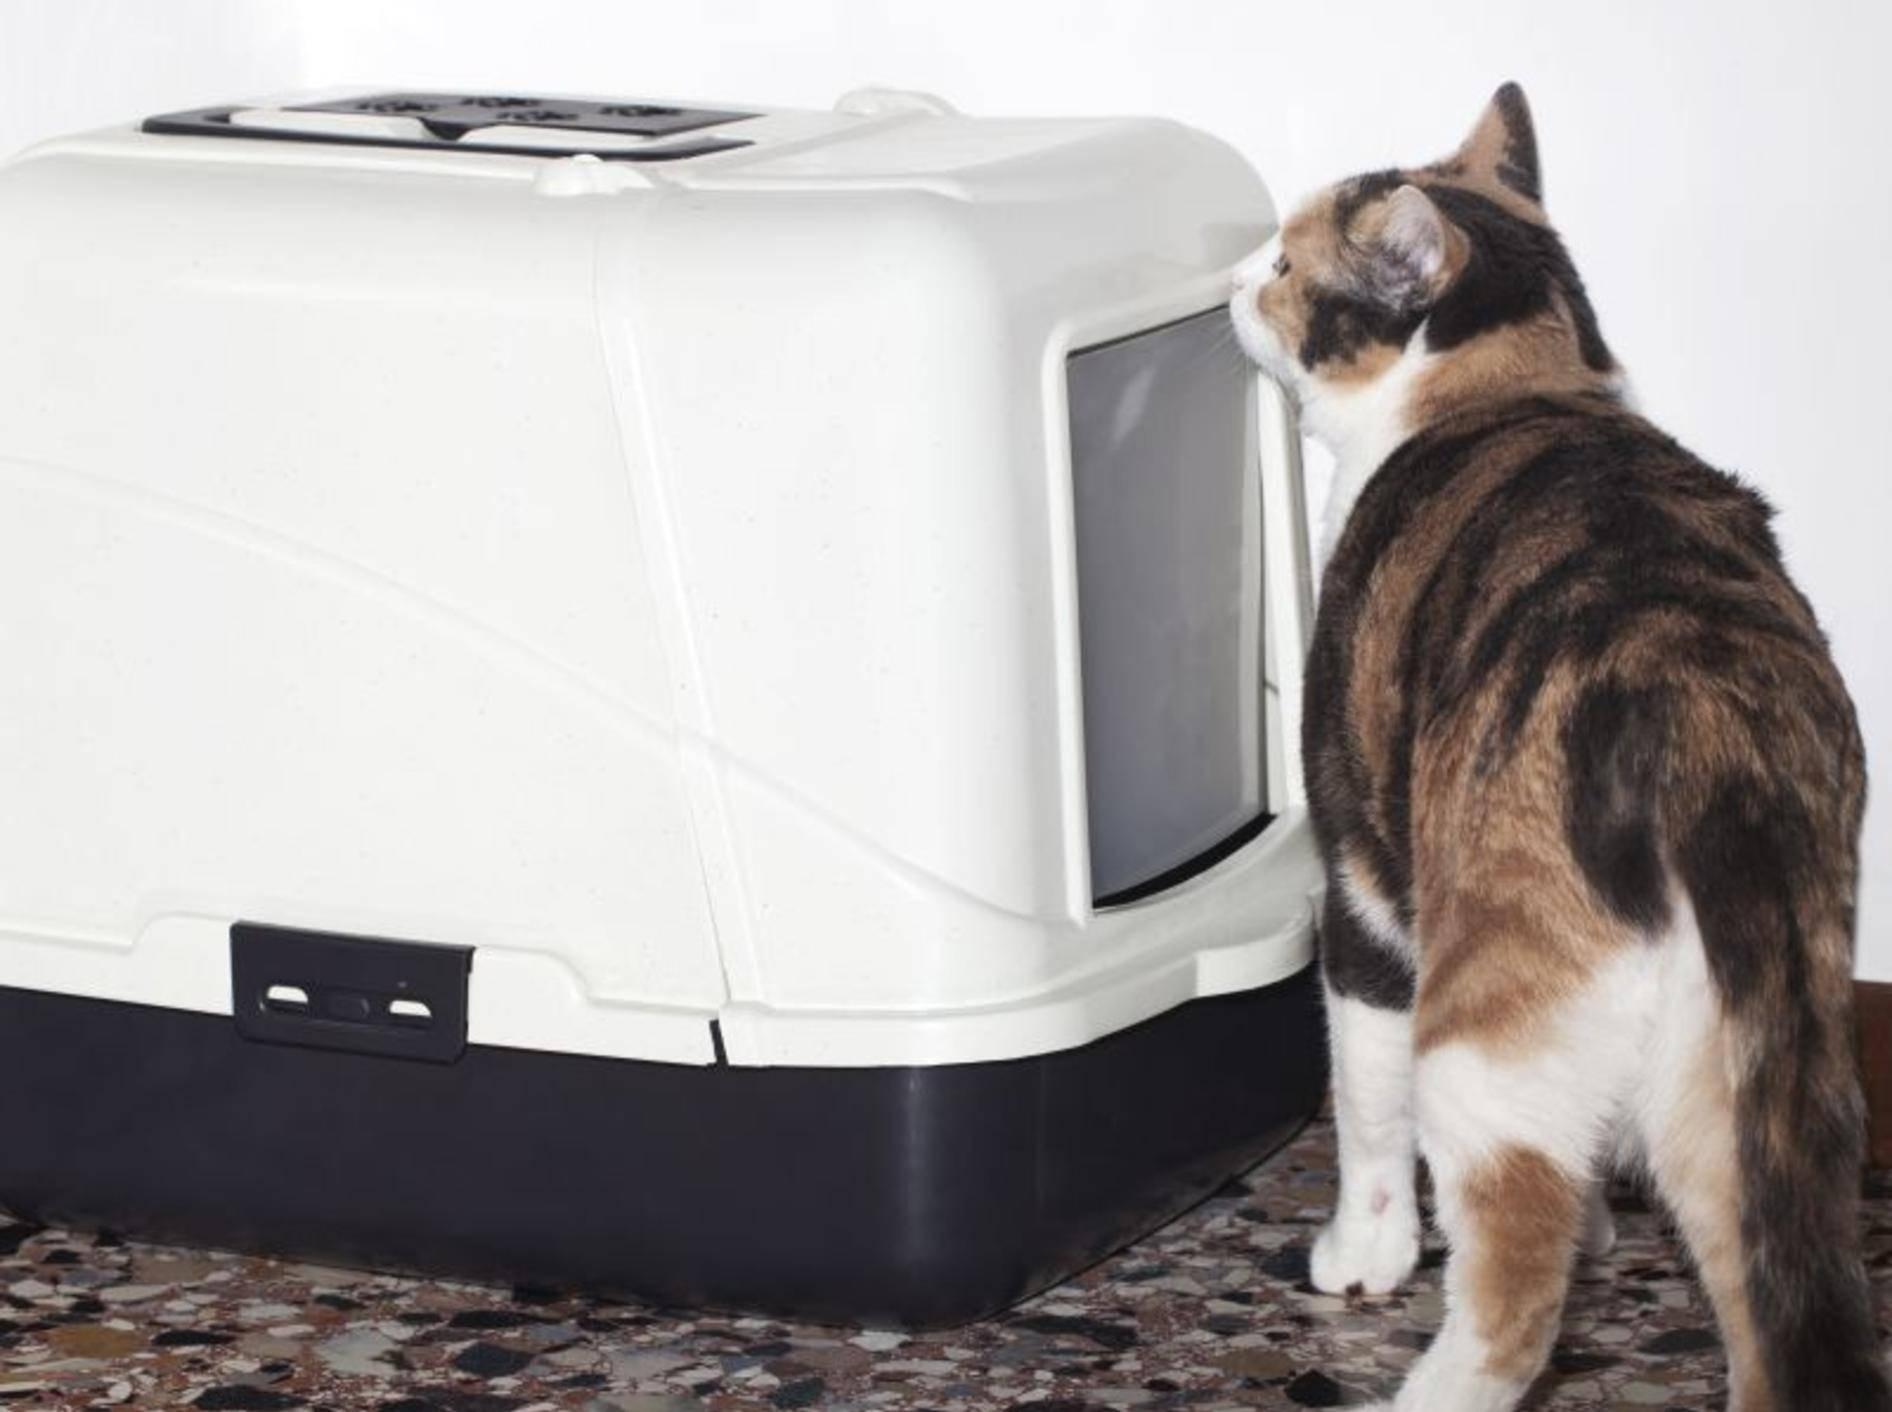 Das perfekte Katzenklo ist groß, sauber und stabil – Bild: Shutterstock / Bicheyennezj